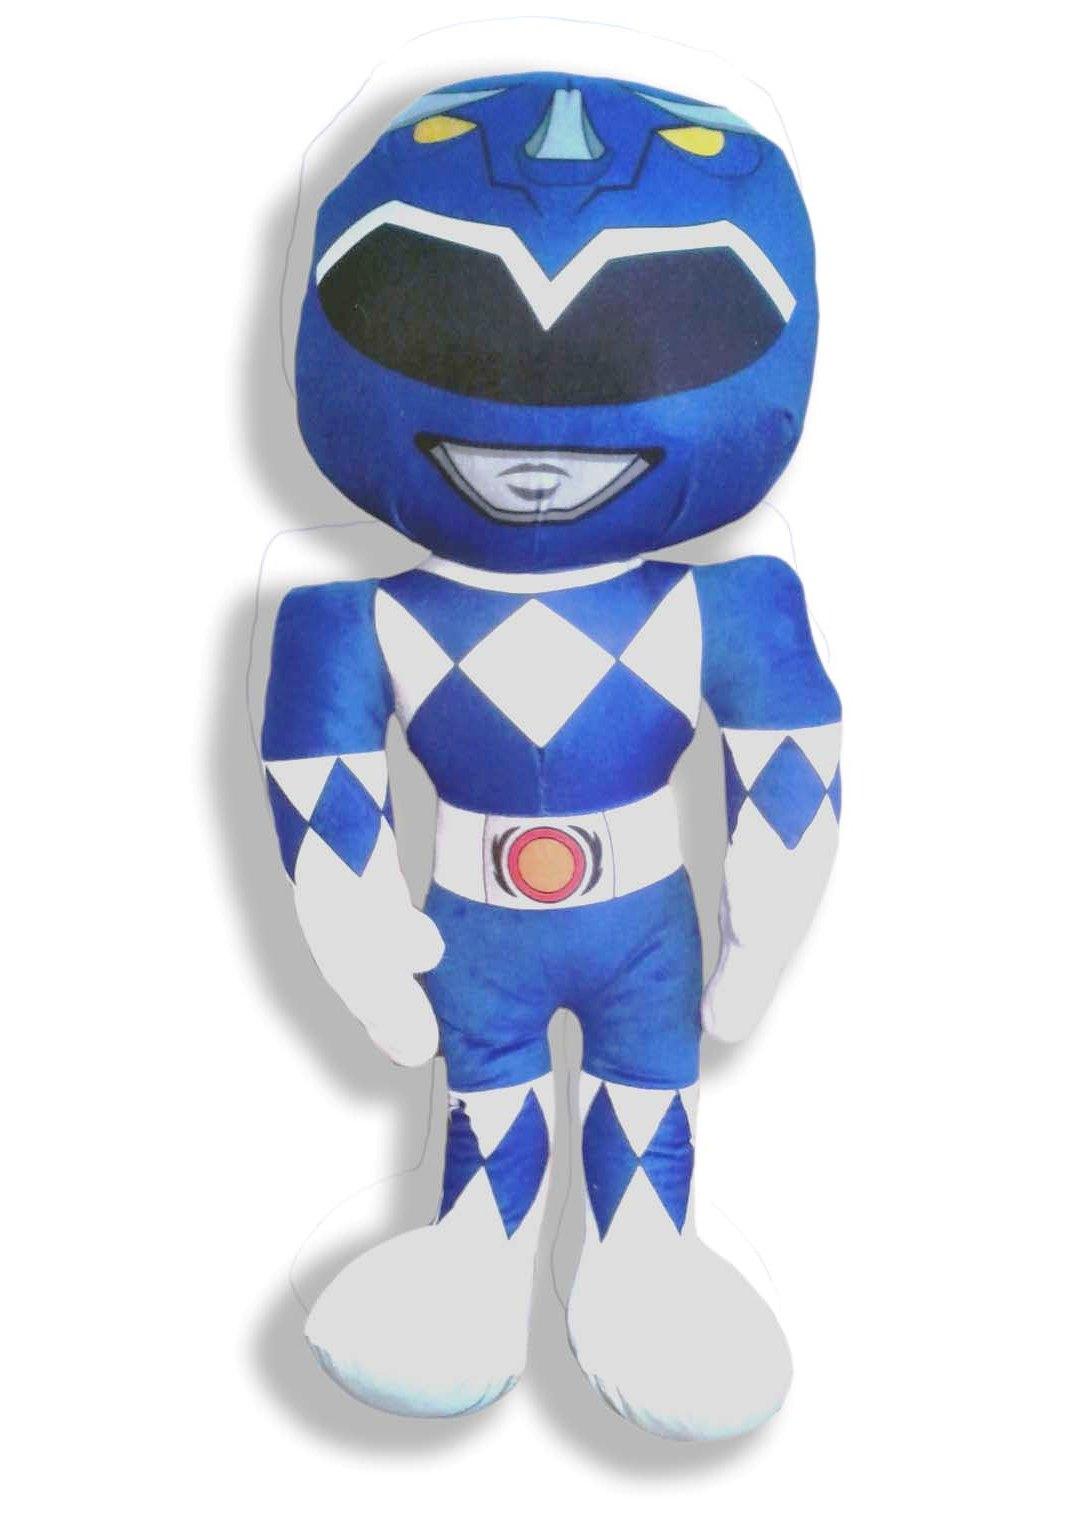 Power Ranger Blau großes Bild